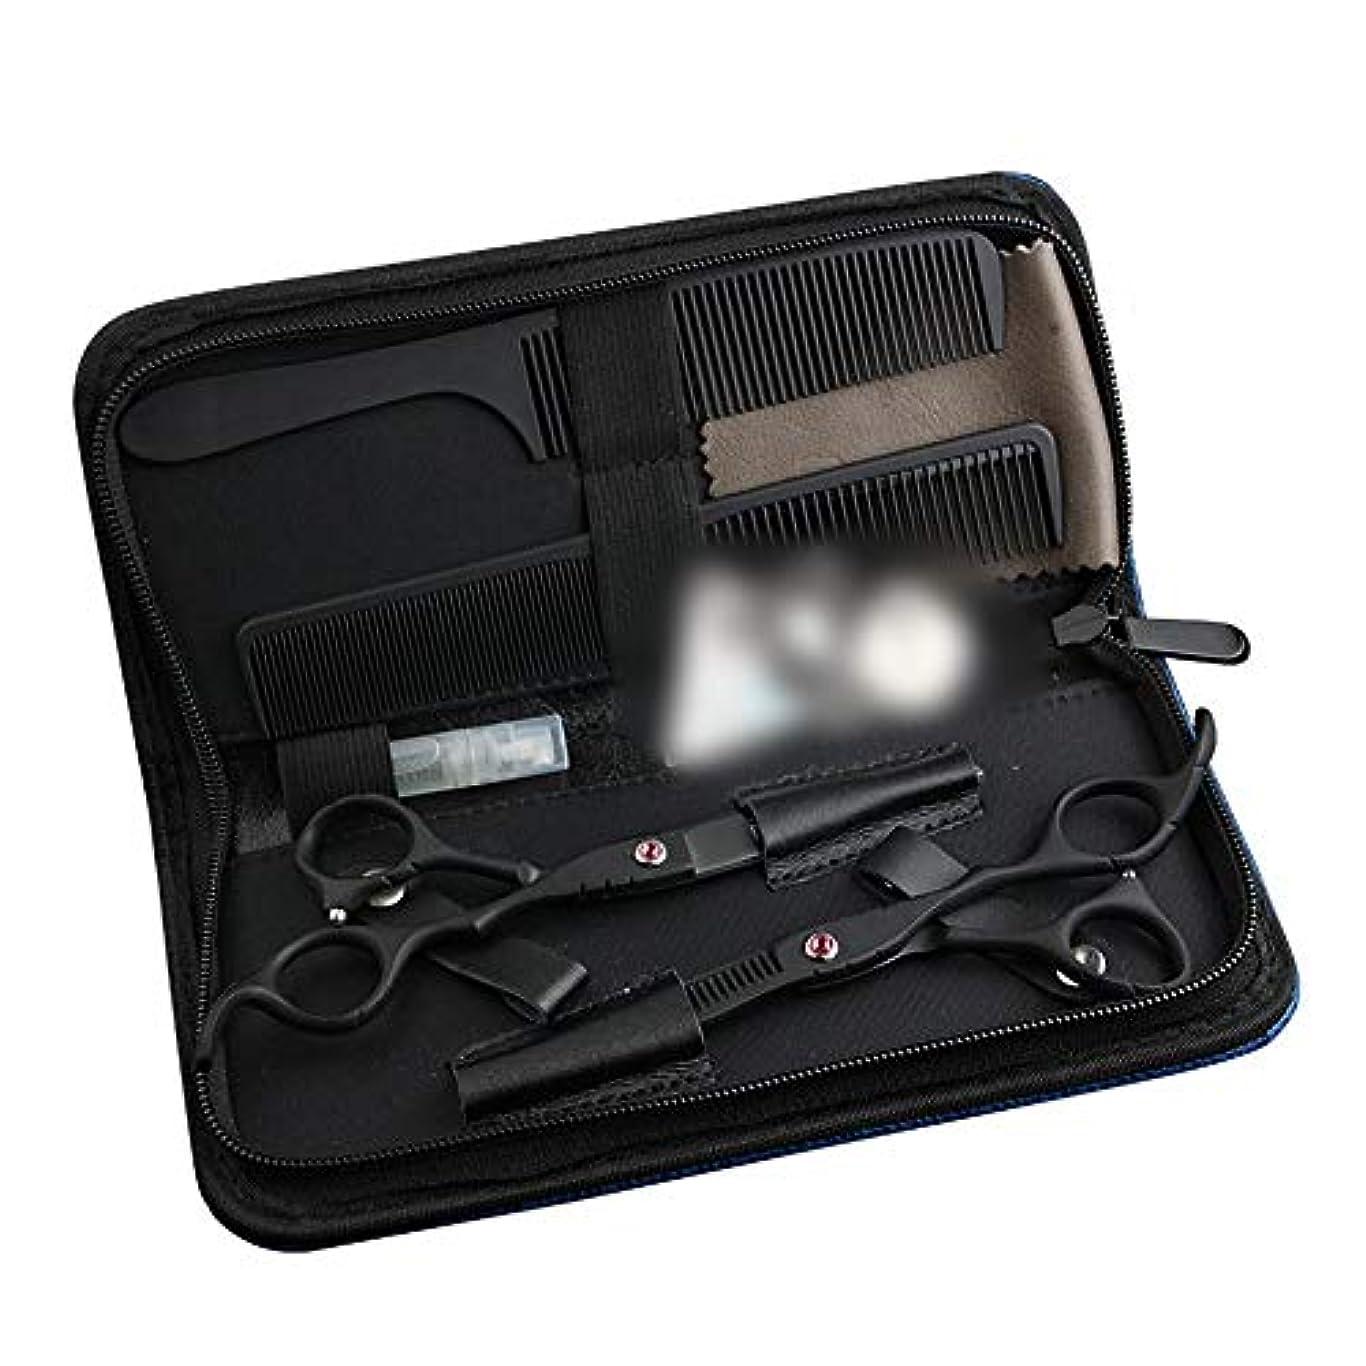 送信する重要な役割を果たす、中心的な手段となるコテージGoodsok-jp 6.0インチの理髪黒の単一の曲げられた手のはさみセット、理髪はさみの平らなせん断の歯の切断の組合せ (色 : 黒)